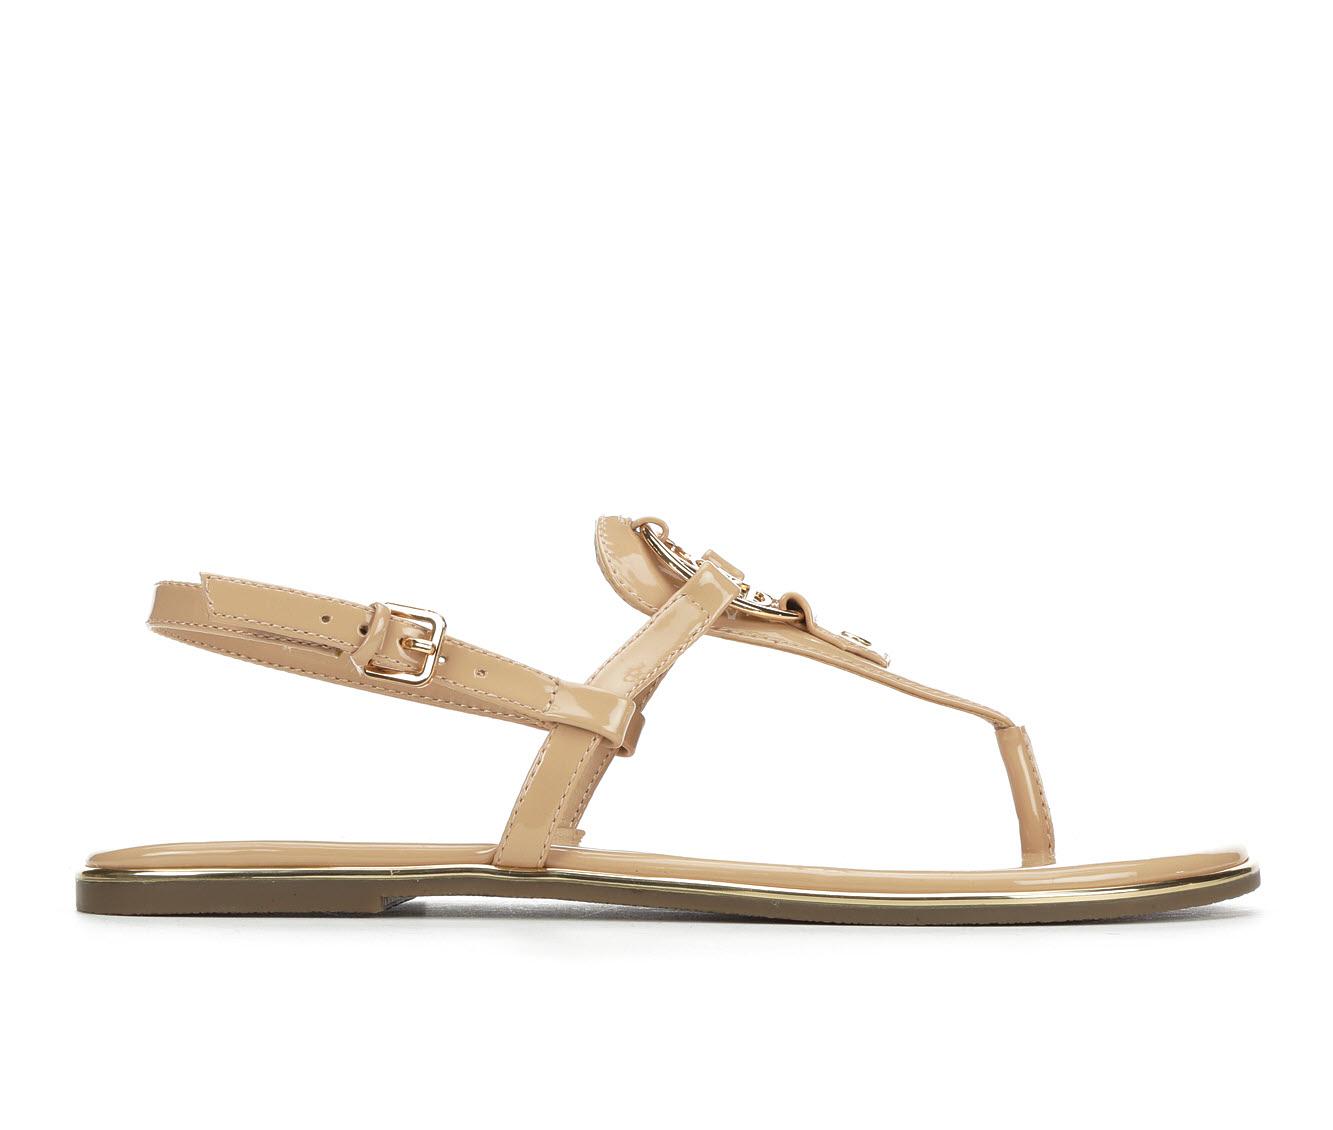 Bebe Sport Janney Women's Sandal (Beige Faux Leather)